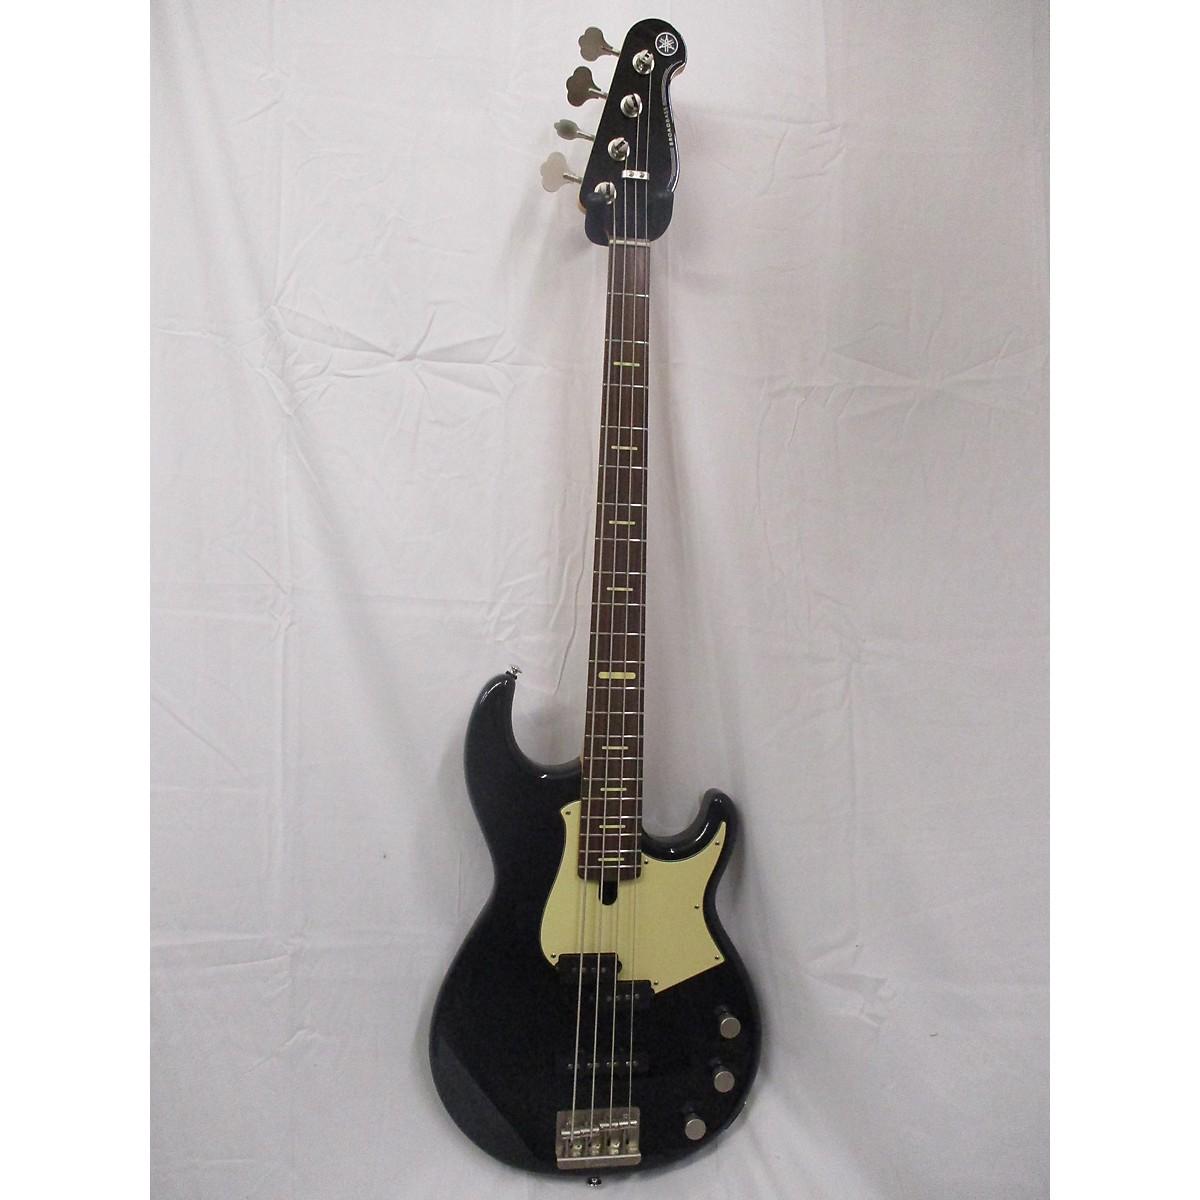 Yamaha BBP34 Electric Bass Guitar